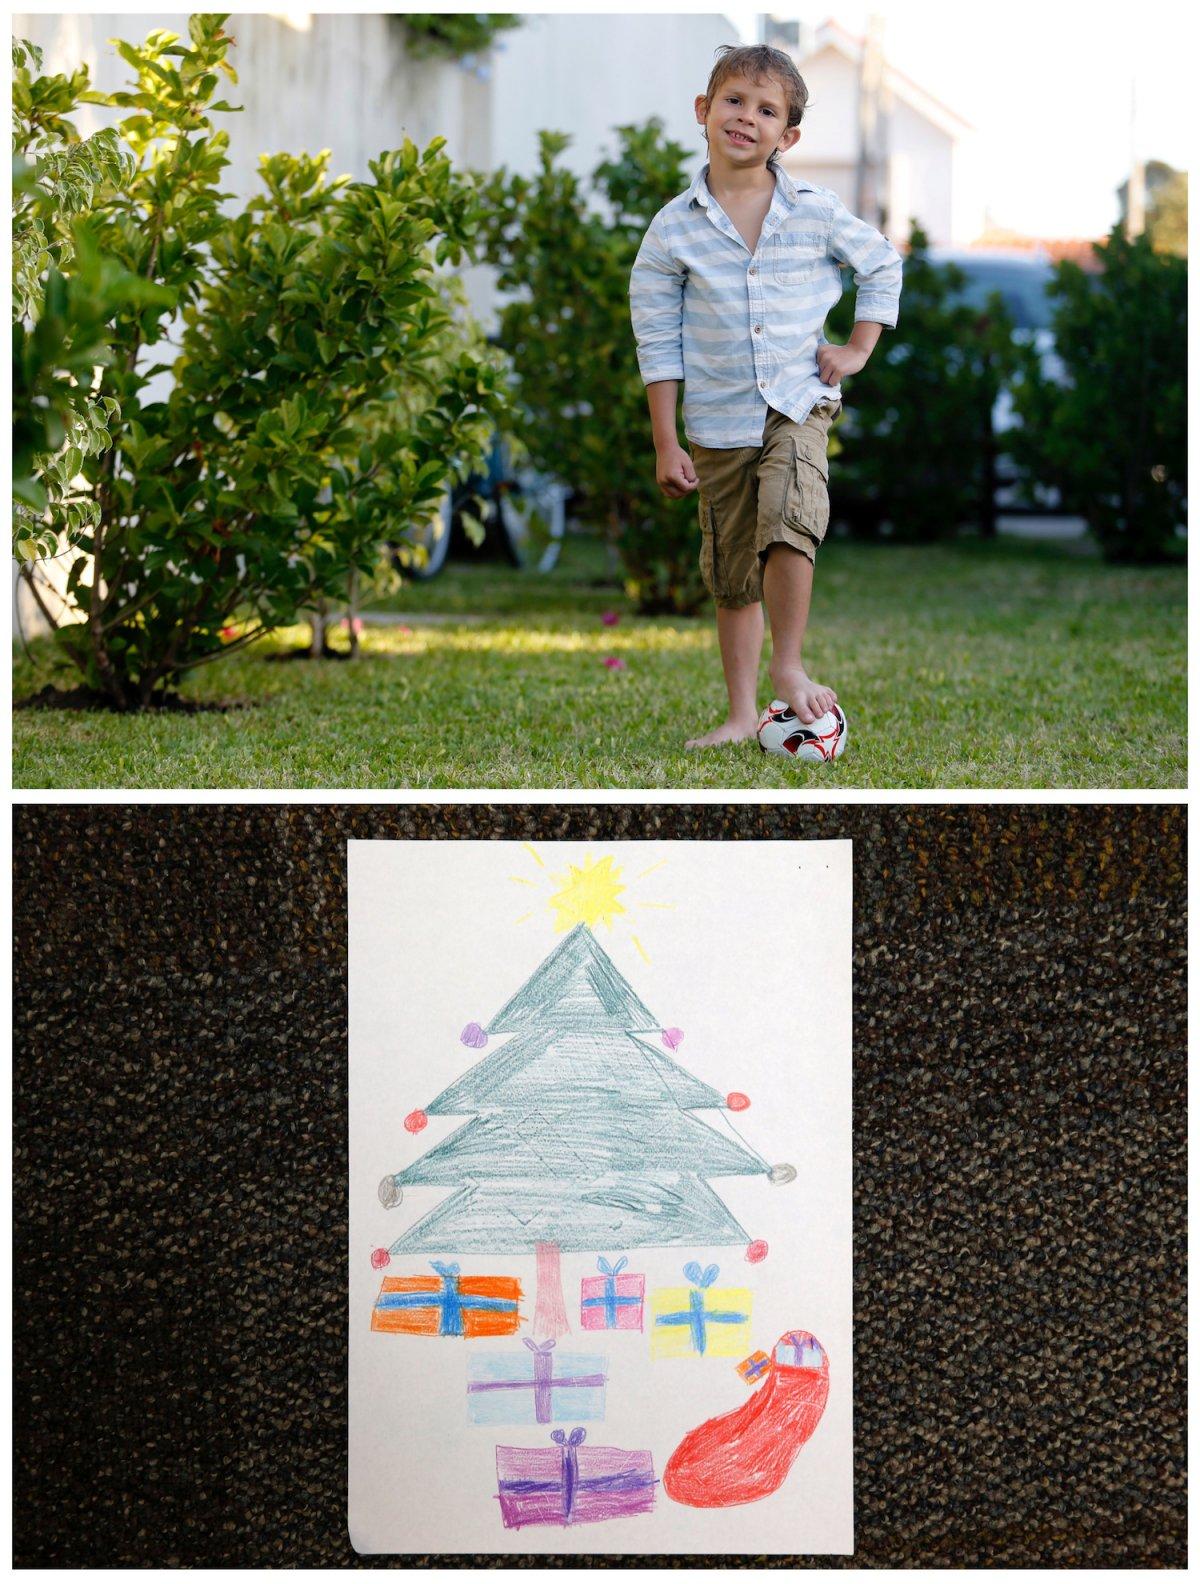 Crianças de todo o mundo desenham fotos do que querem para o Natal 33